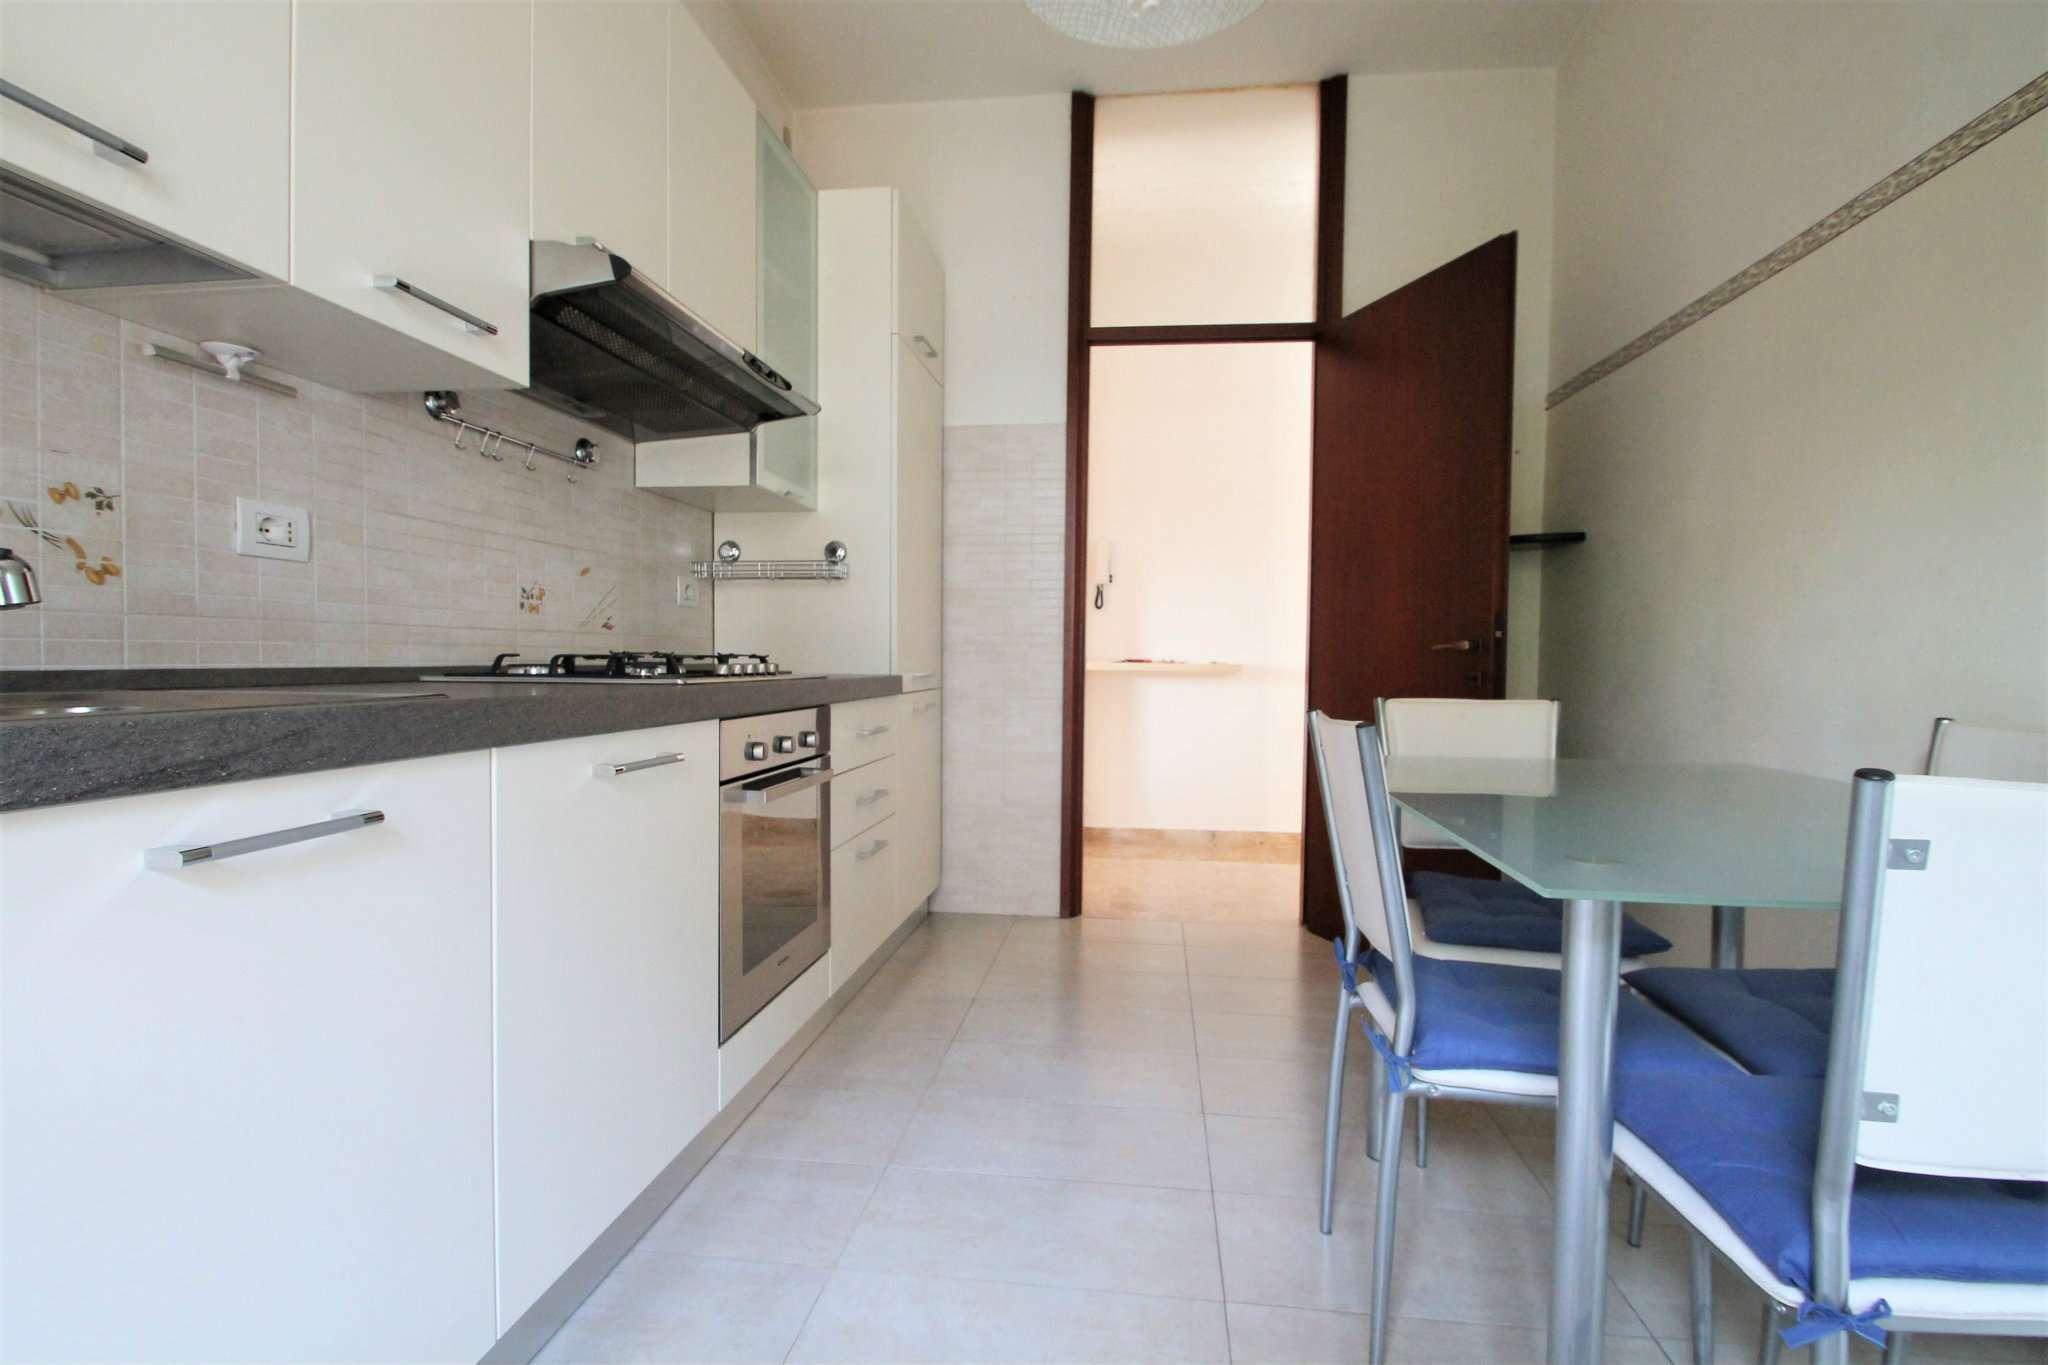 Appartamento di 3 locali in affitto a Cambiago